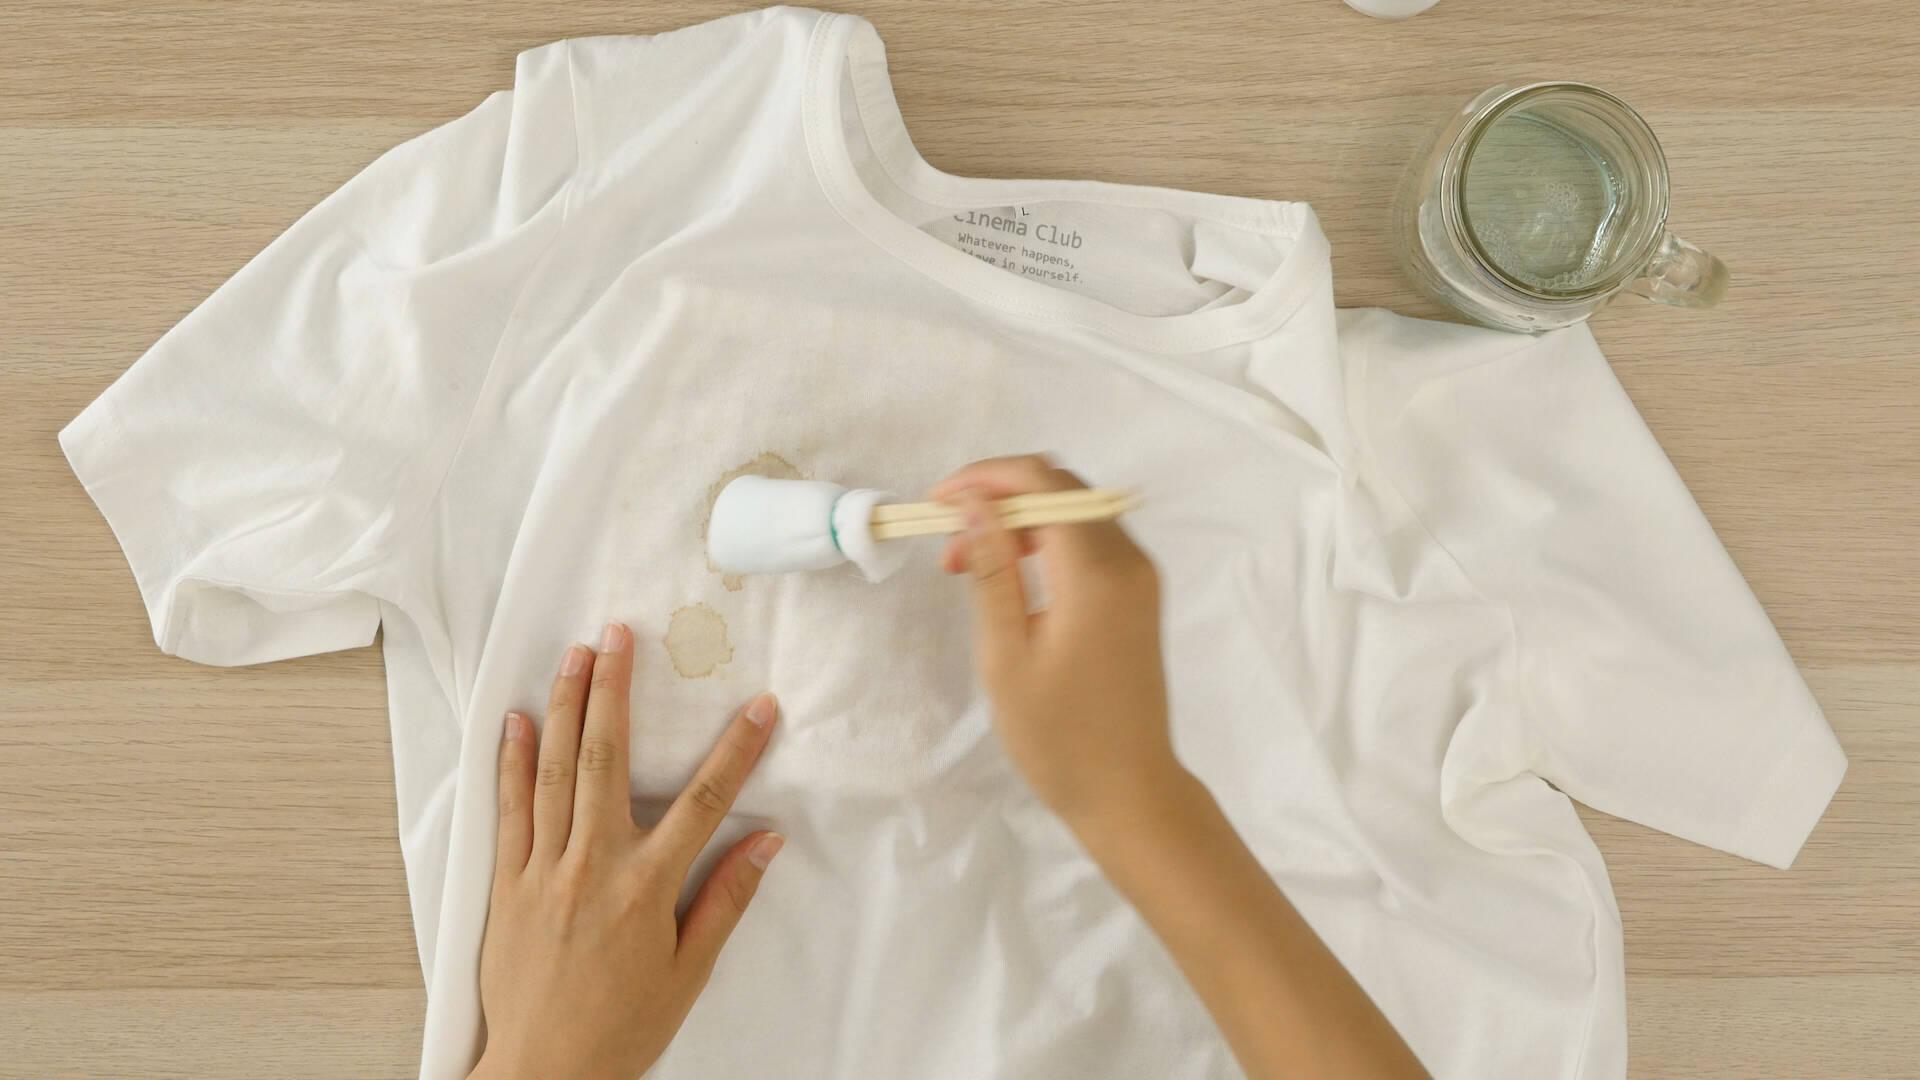 洋服に付いたコーヒーのシミを取る方法 2018年4月10日 エキサイト